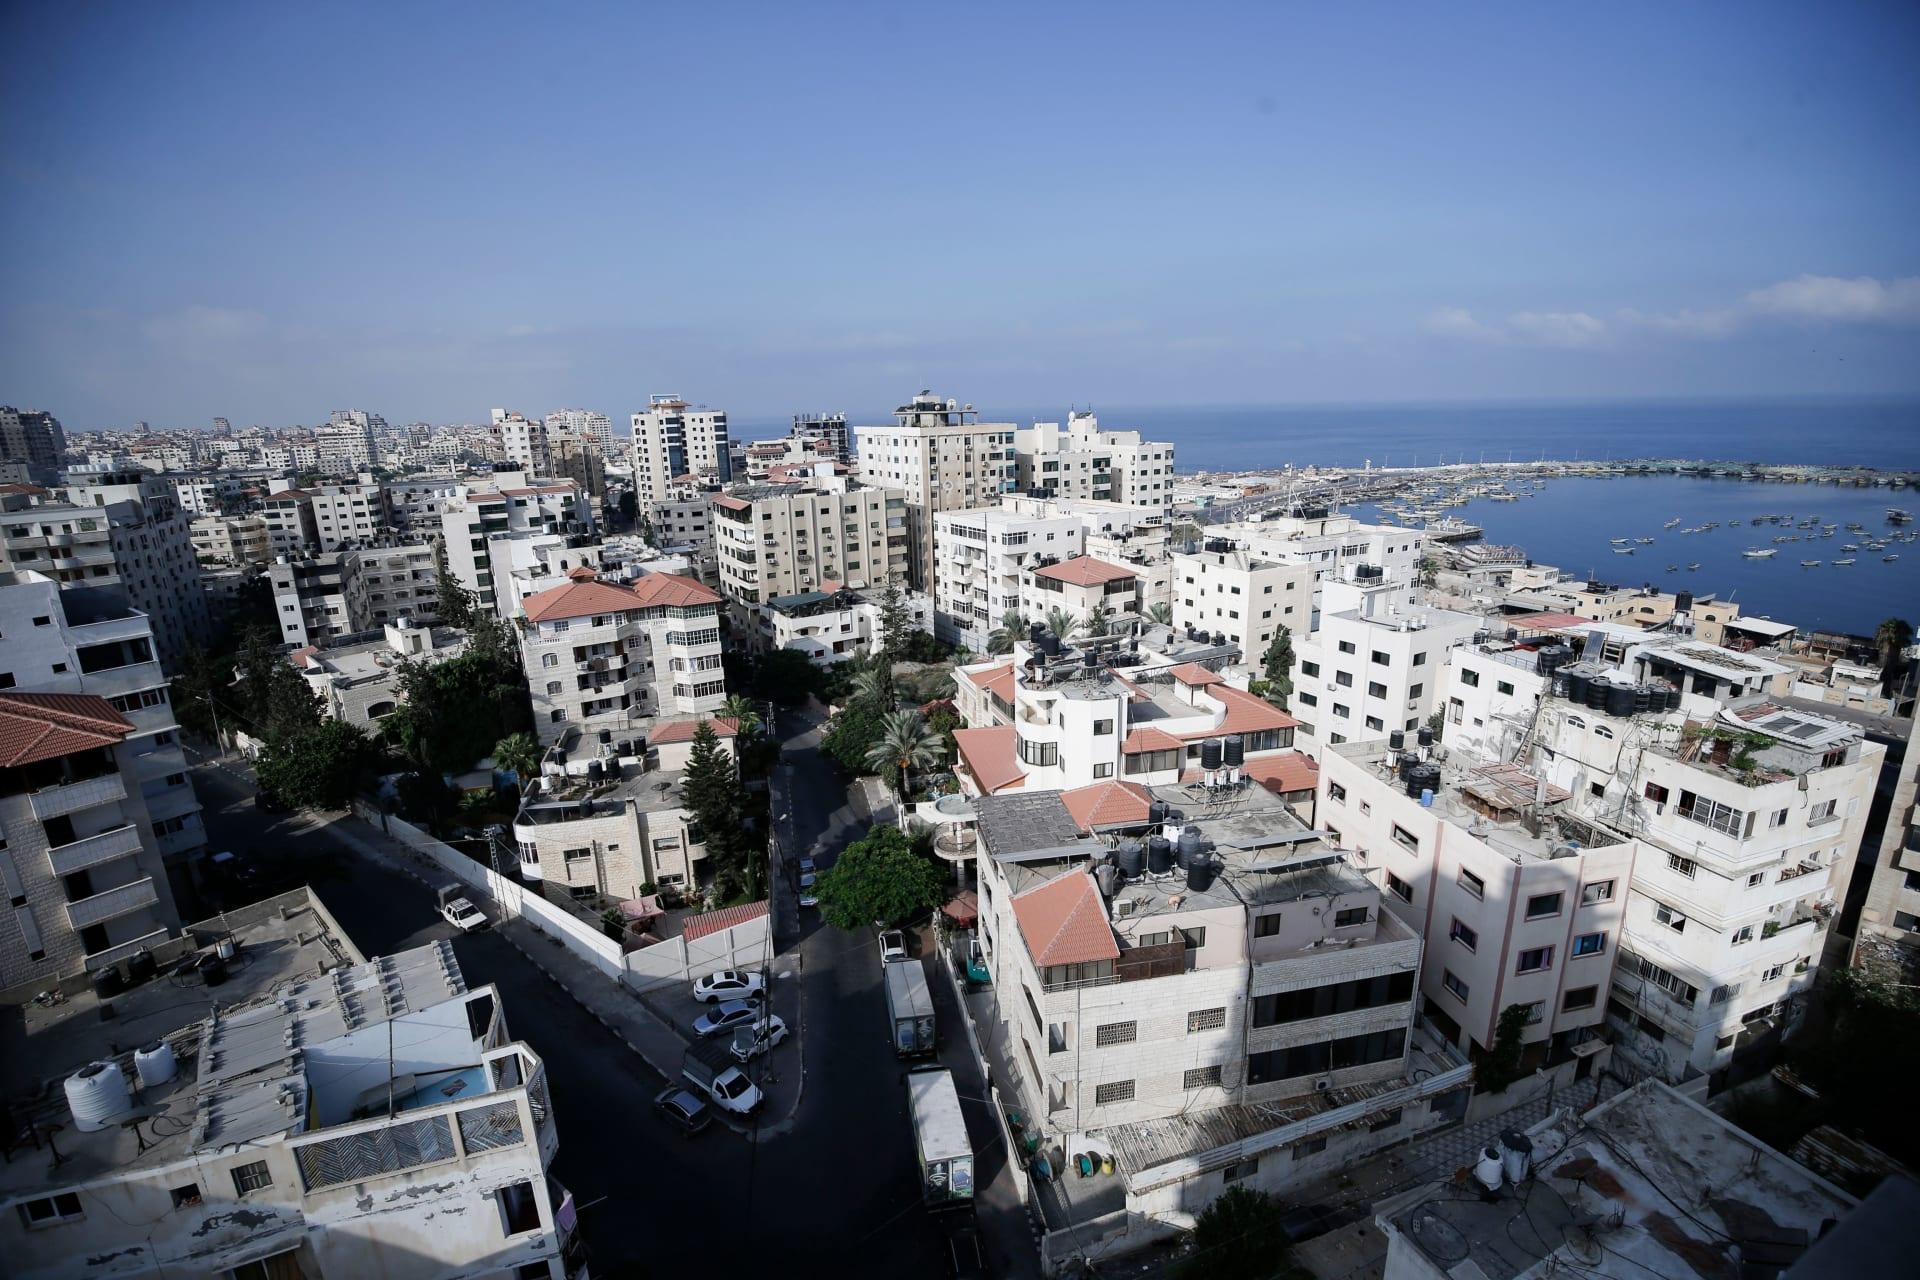 مدينة غزة بعد إعلان الإغلاق الكامل لمدة 48 ساعة بعد اكتشاف إصابات بفيروس كورونا